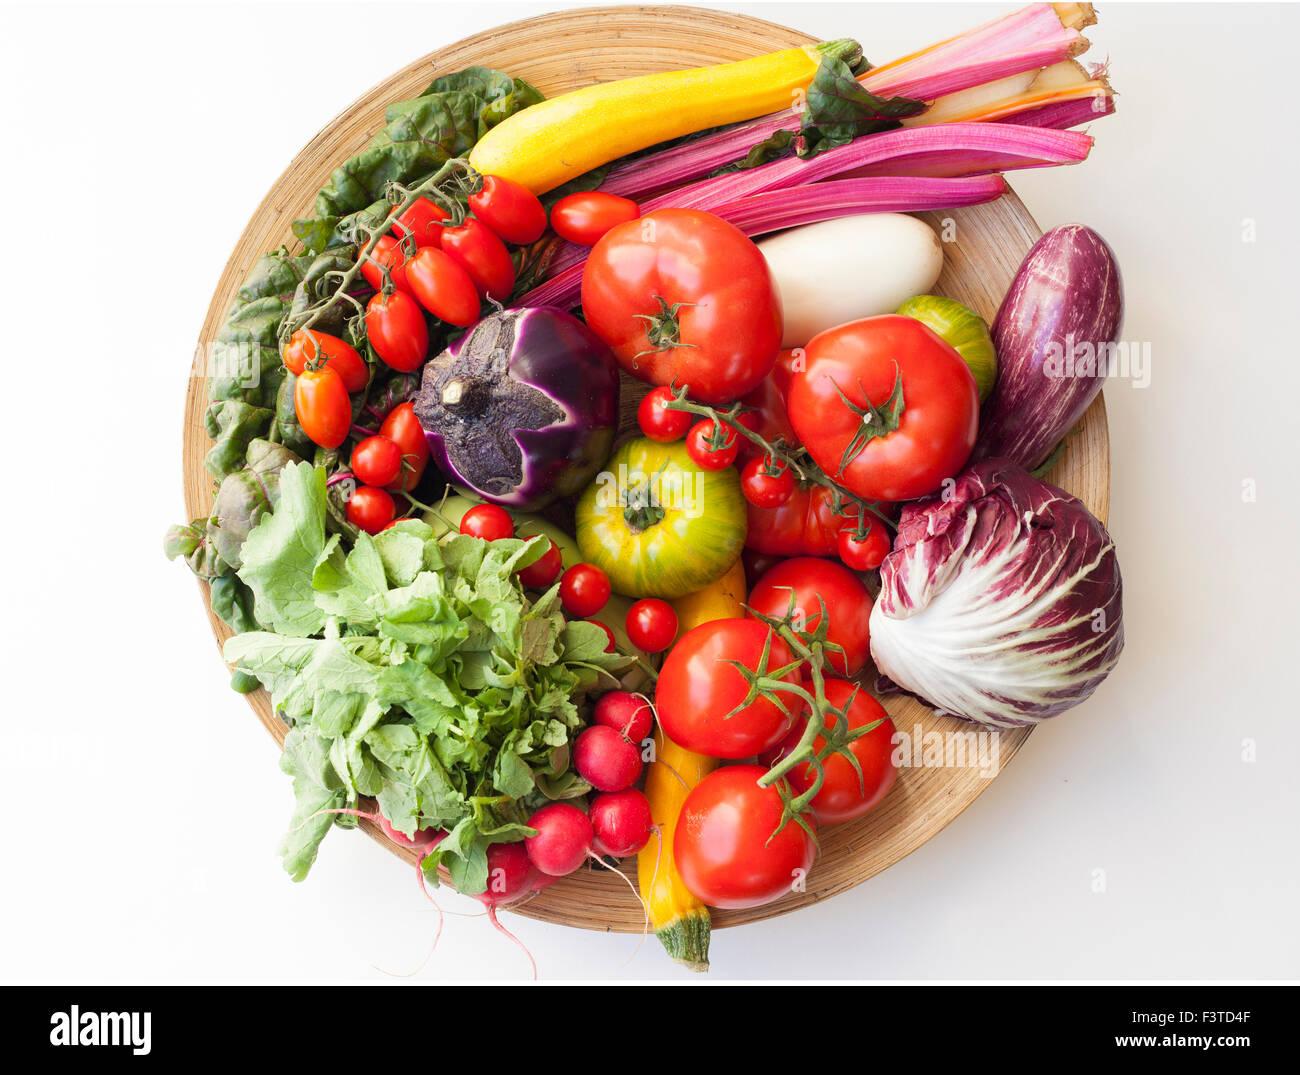 Eine Vielzahl von Gemüse auf Platte, Stillleben, London 2015. Stockbild